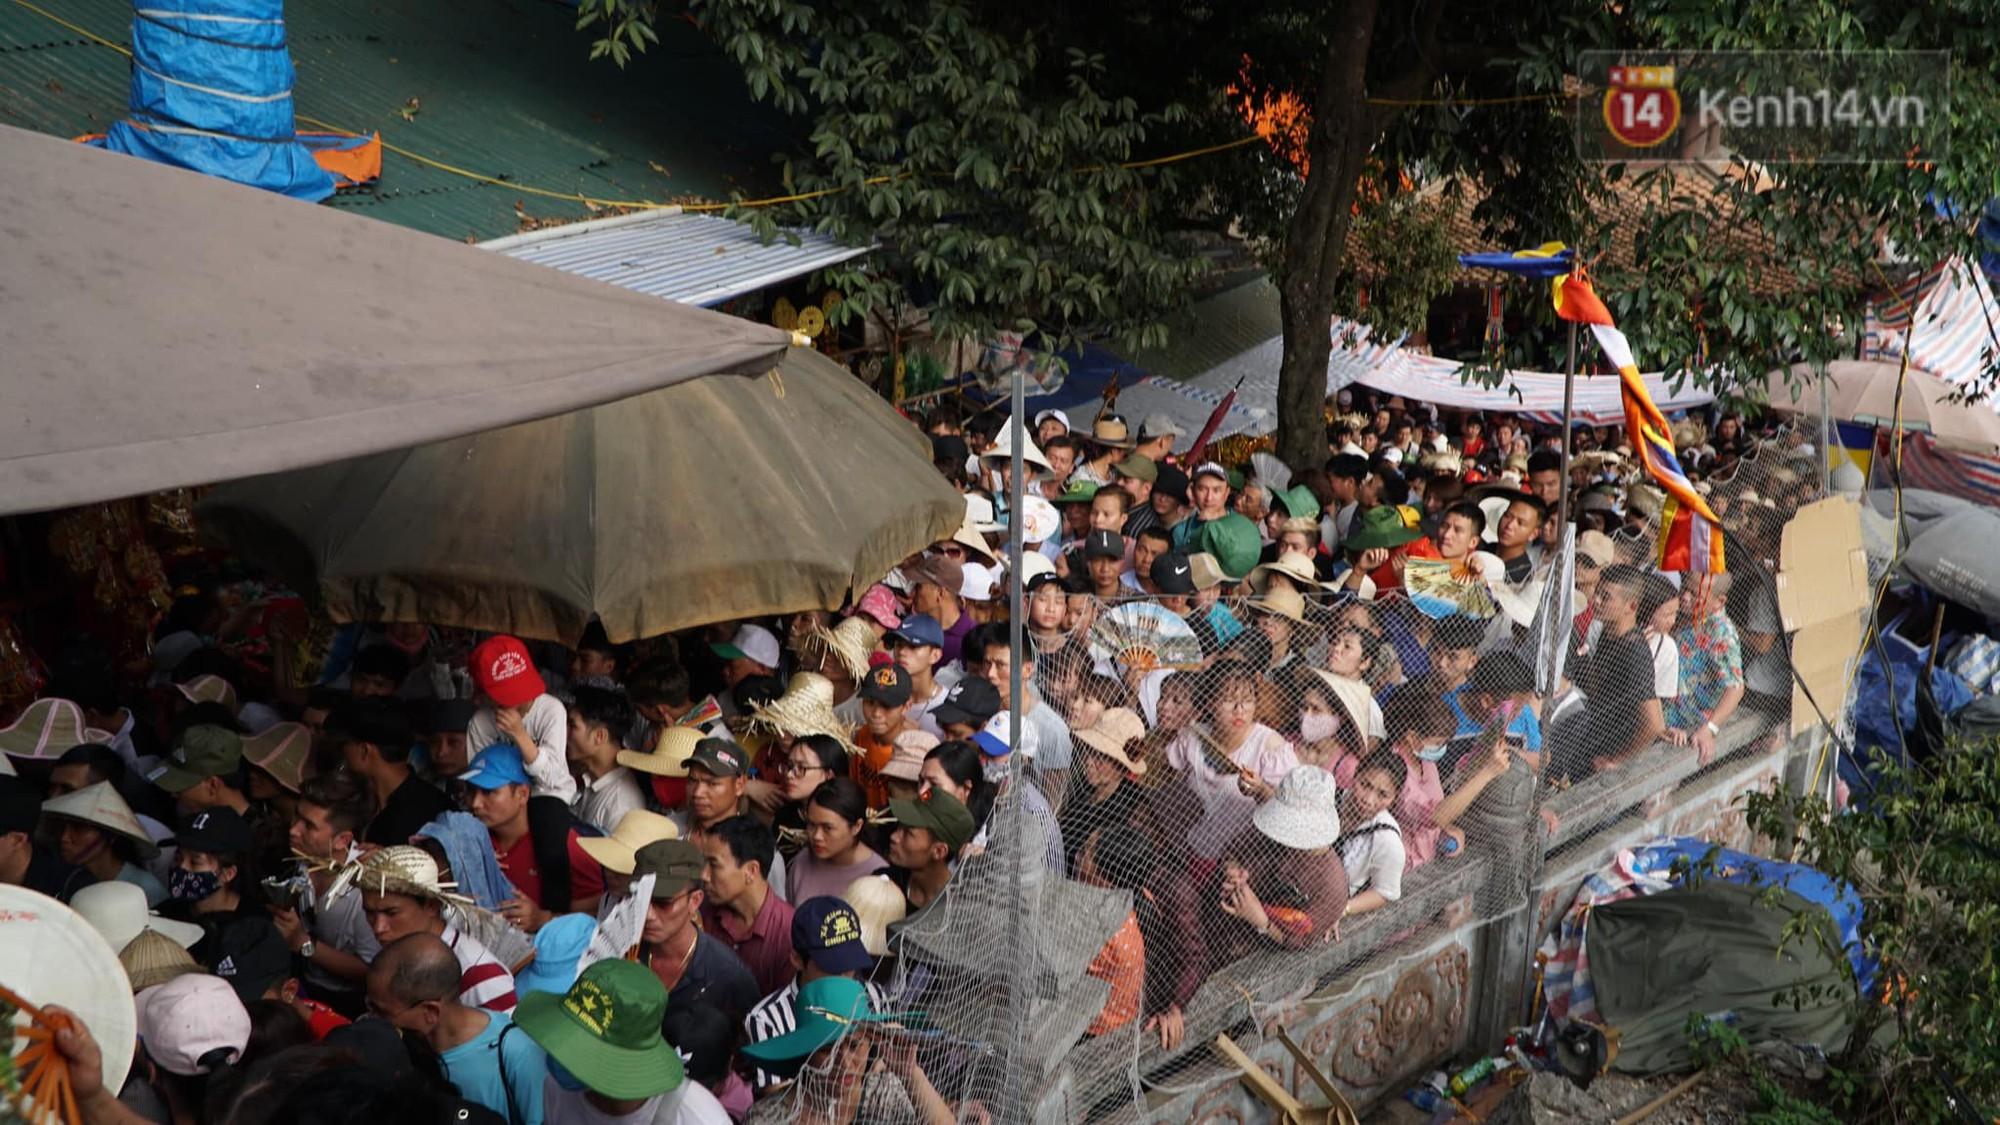 Ảnh: Mệt mỏi vì chen lấn giữa hàng vạn người dù chưa khai hội chùa Hương, nhiều em nhỏ ngủ gục trên vai mẹ-1